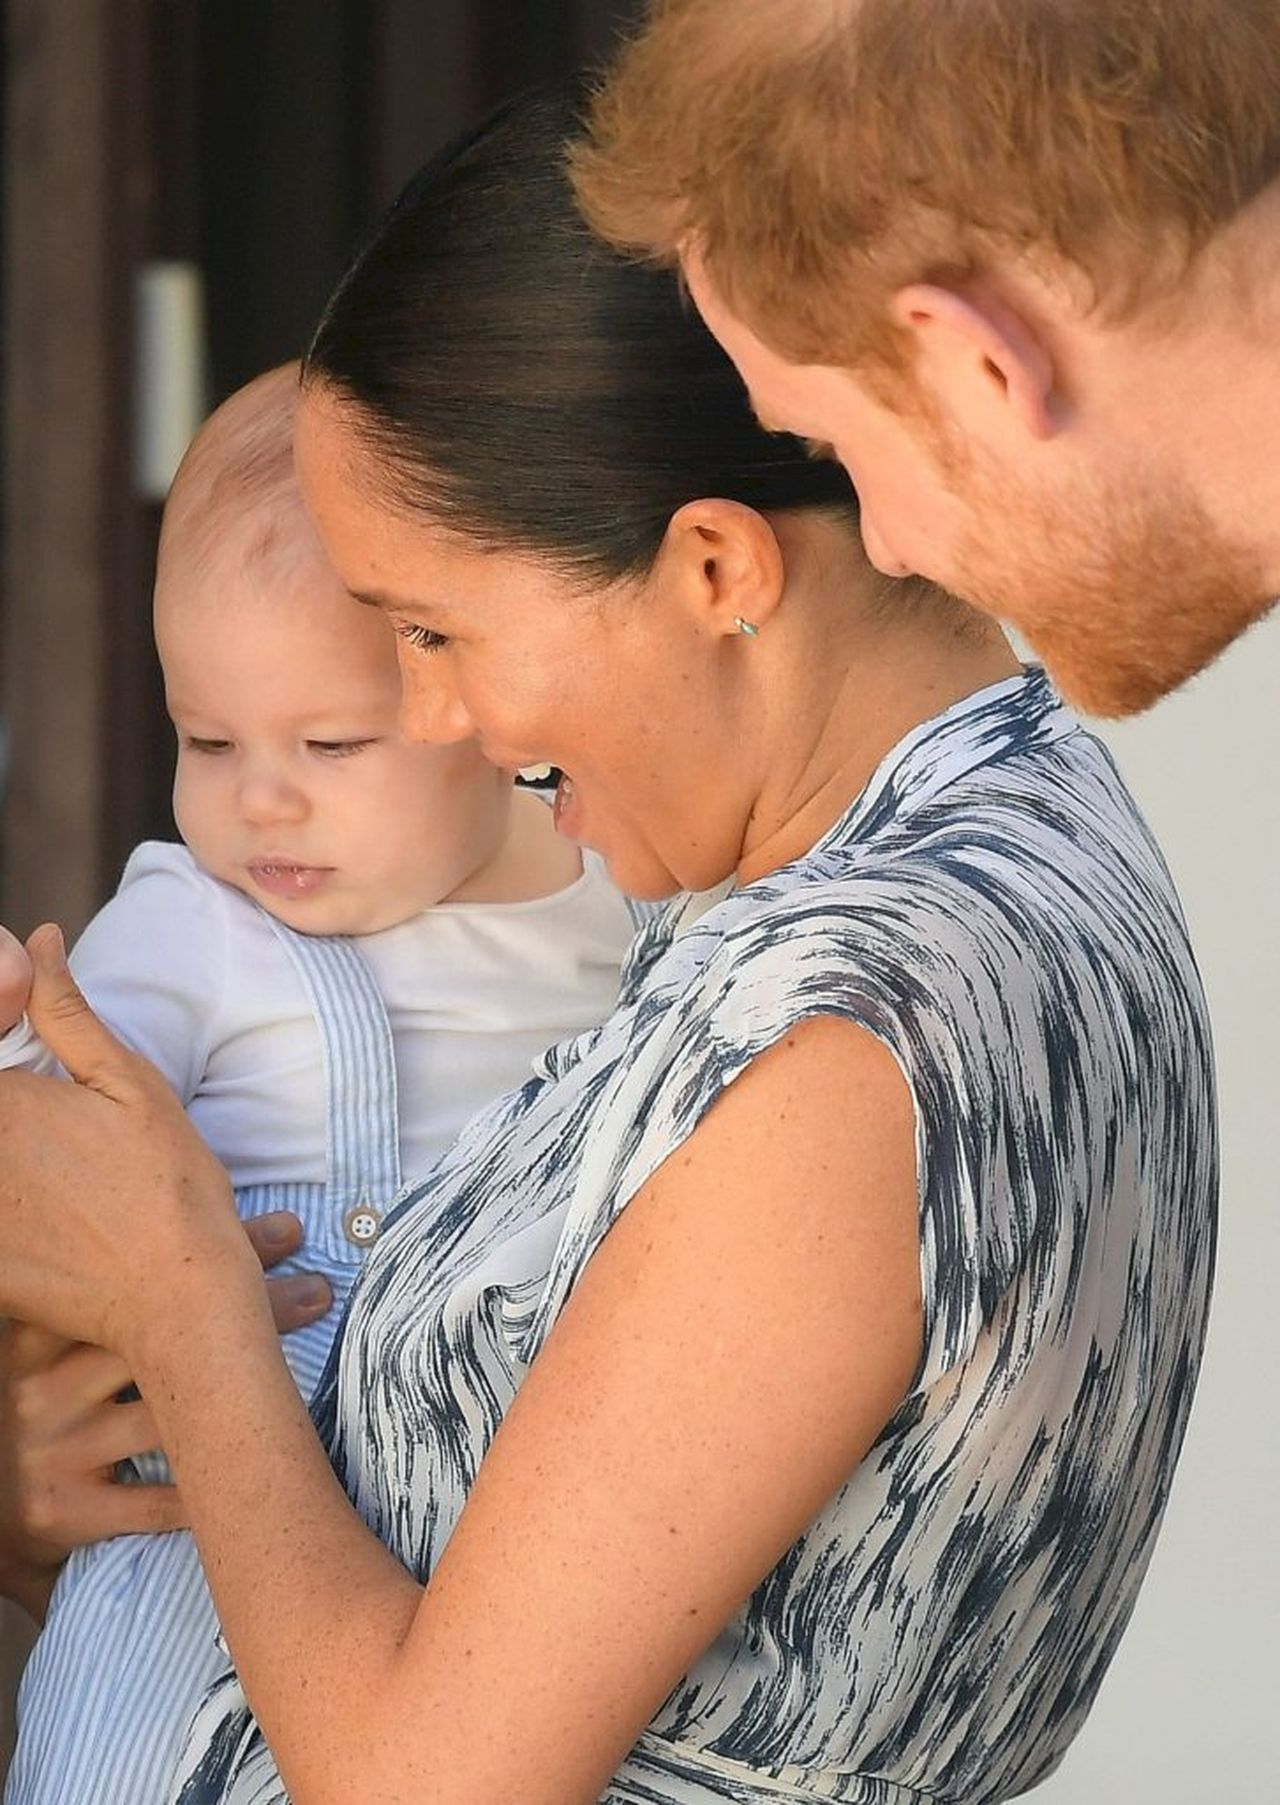 Książę Harry z Meghan Markle i małym Archiem w podróży po Afryce